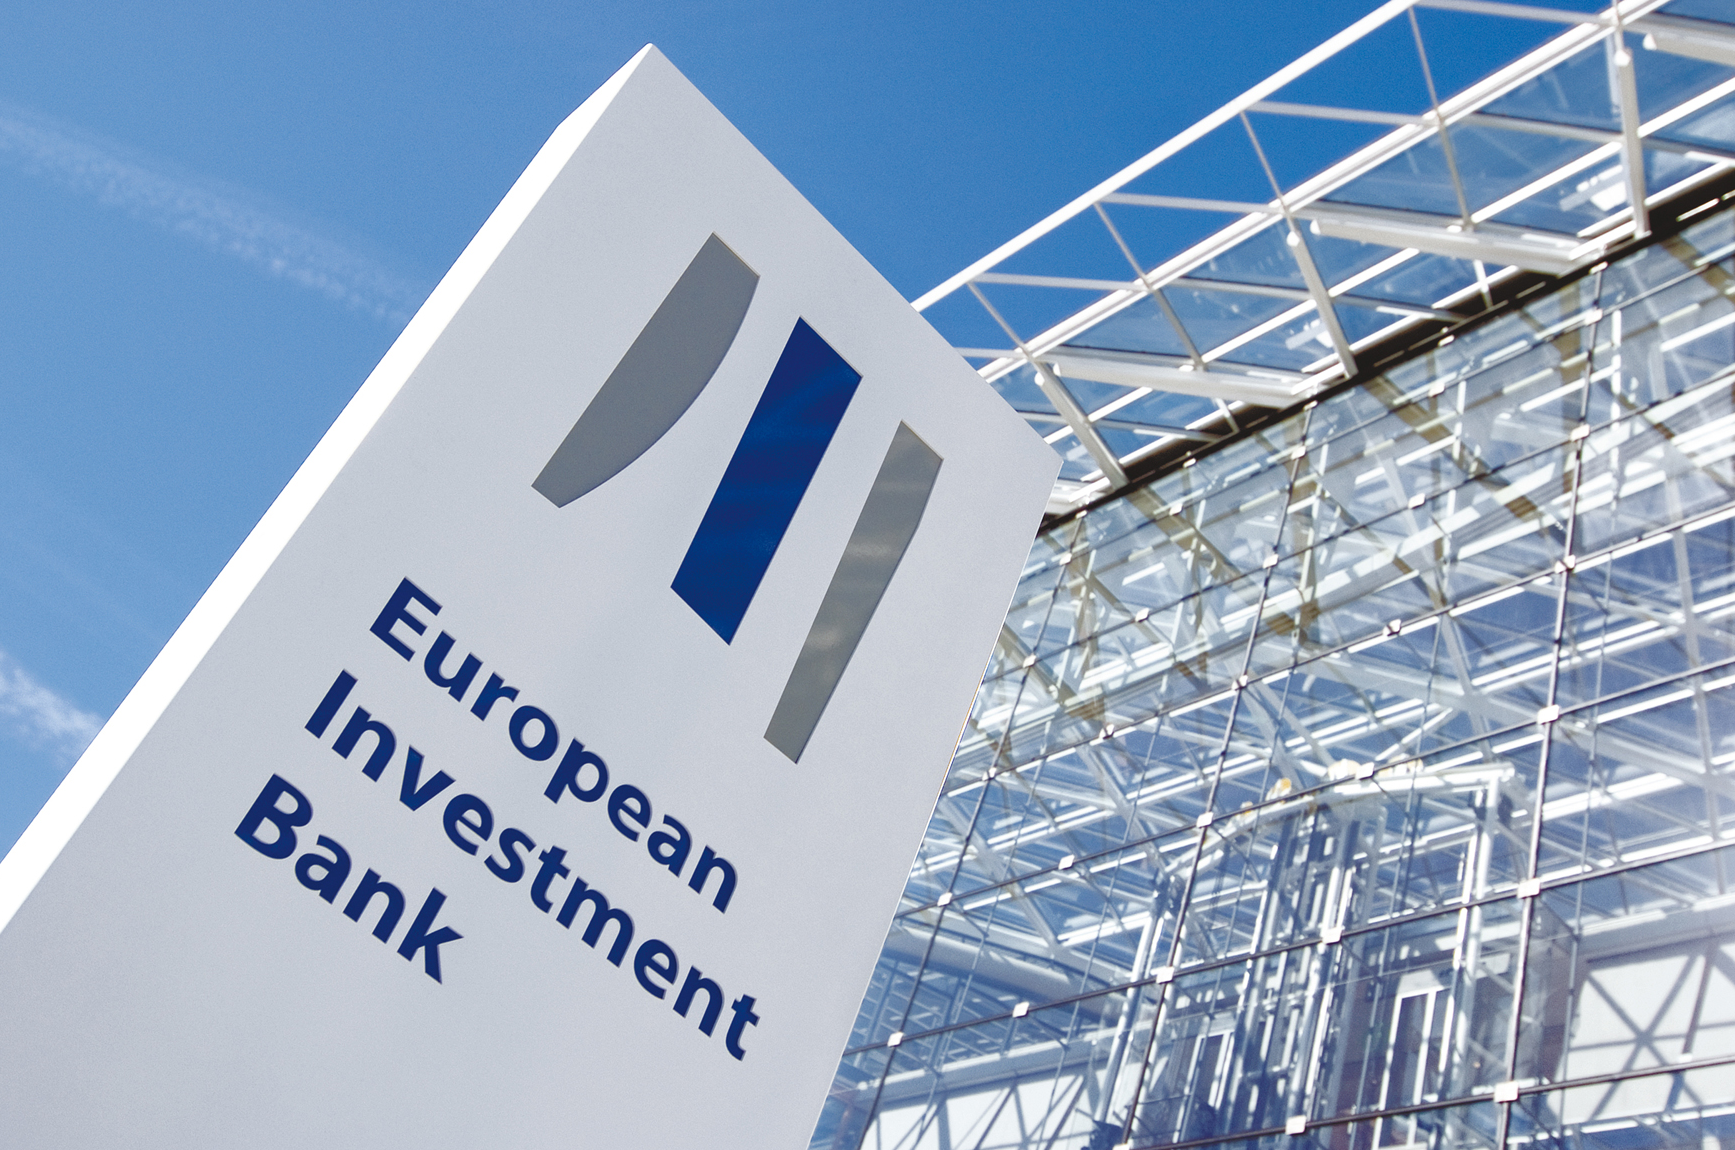 Evropská investiční banka hledá firmu, která jí zajistí externí IT experty a služby. Kontrakt za €145 milionů